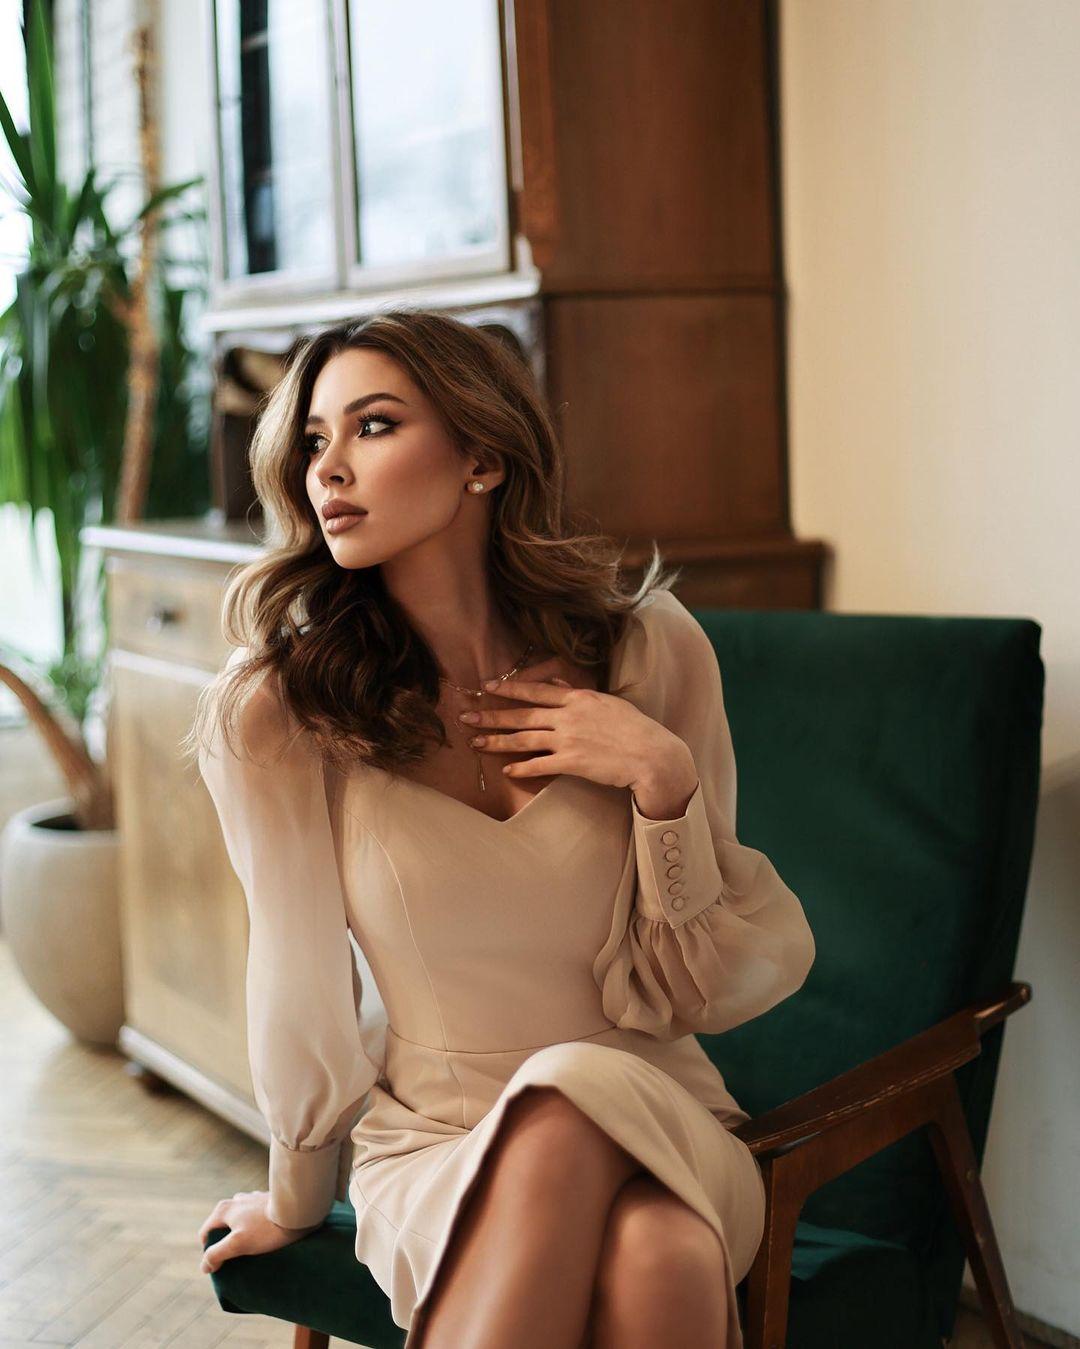 Анна Заворотнюк рассказала, что приводит ее в восторг и дарит умиротворение